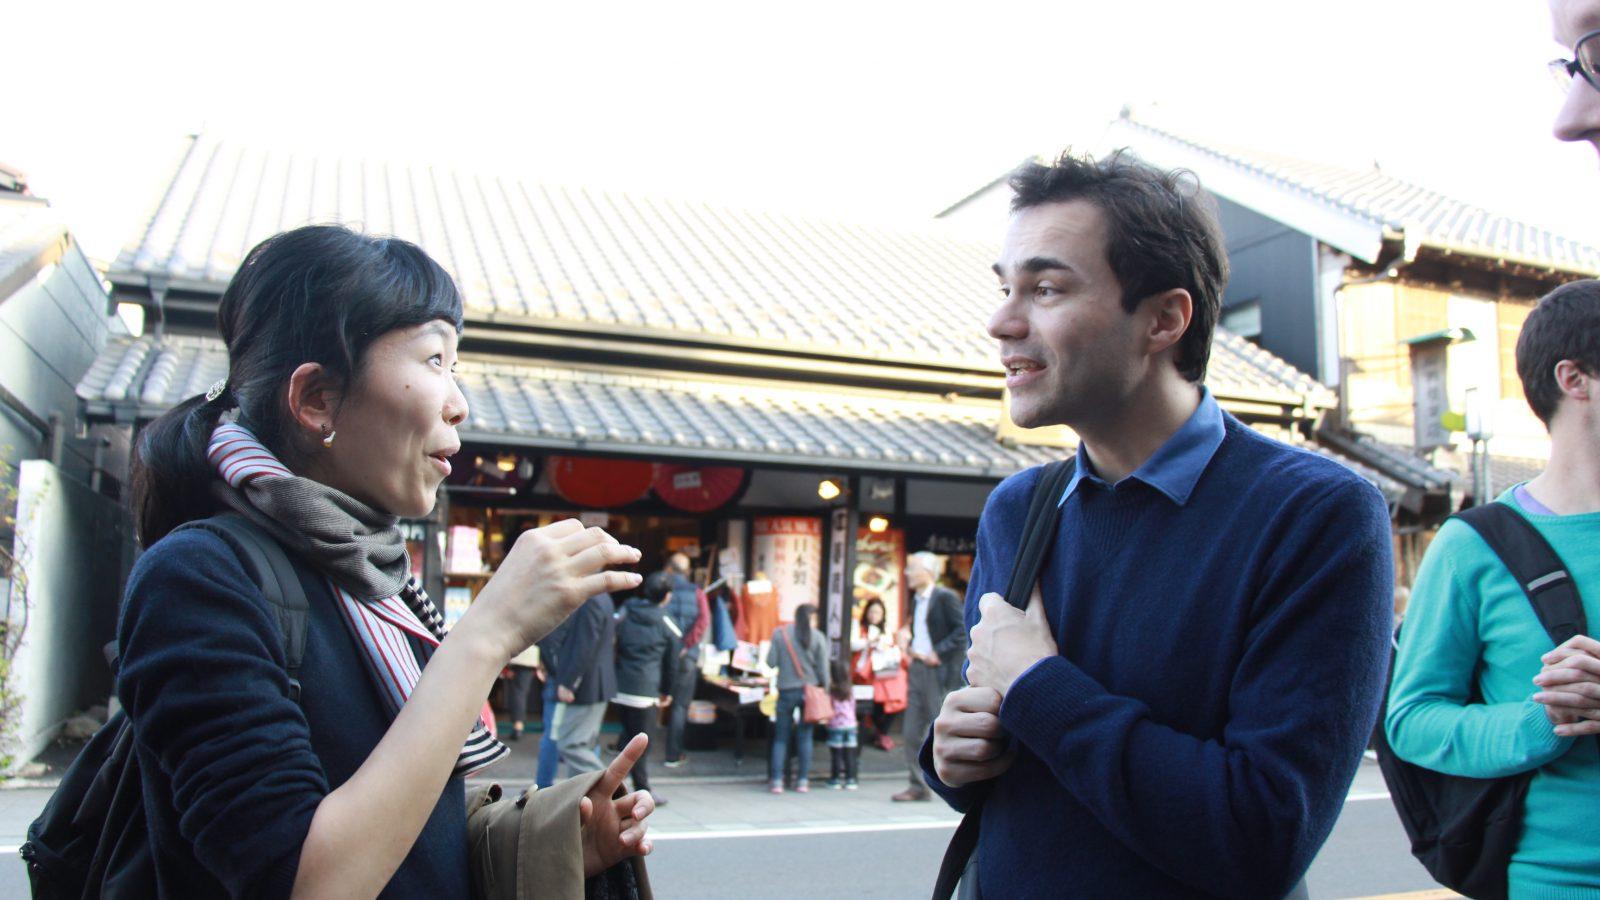 フランス語を話す旅行者